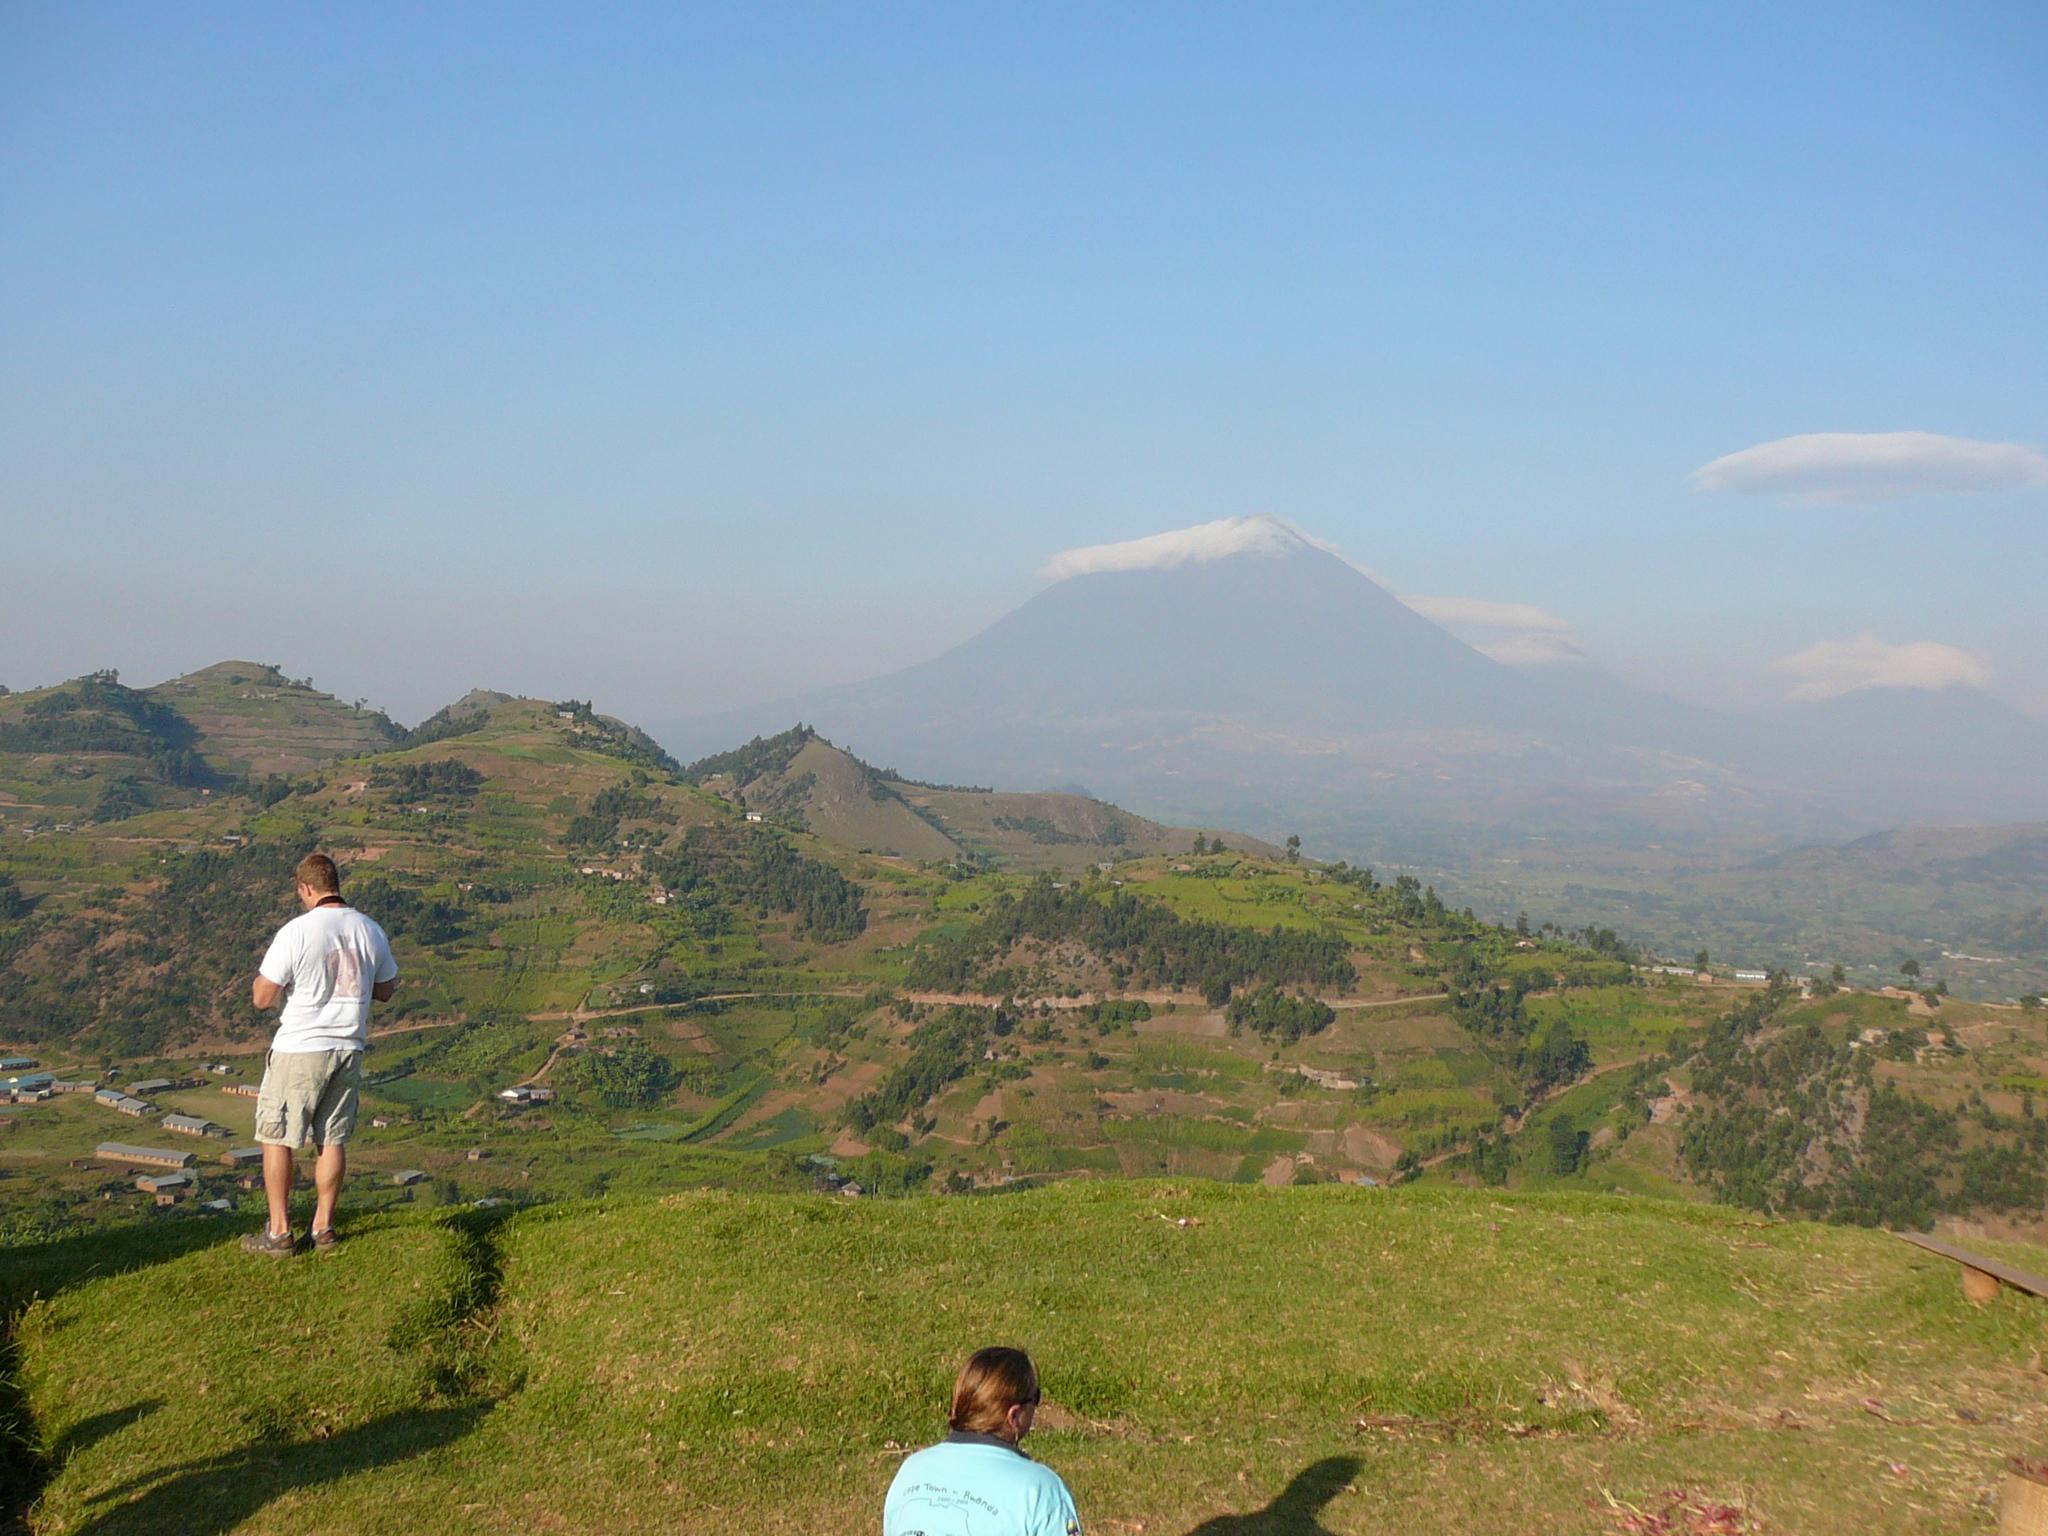 mountain-gorillas-await-at-the-top-of-those-mountains